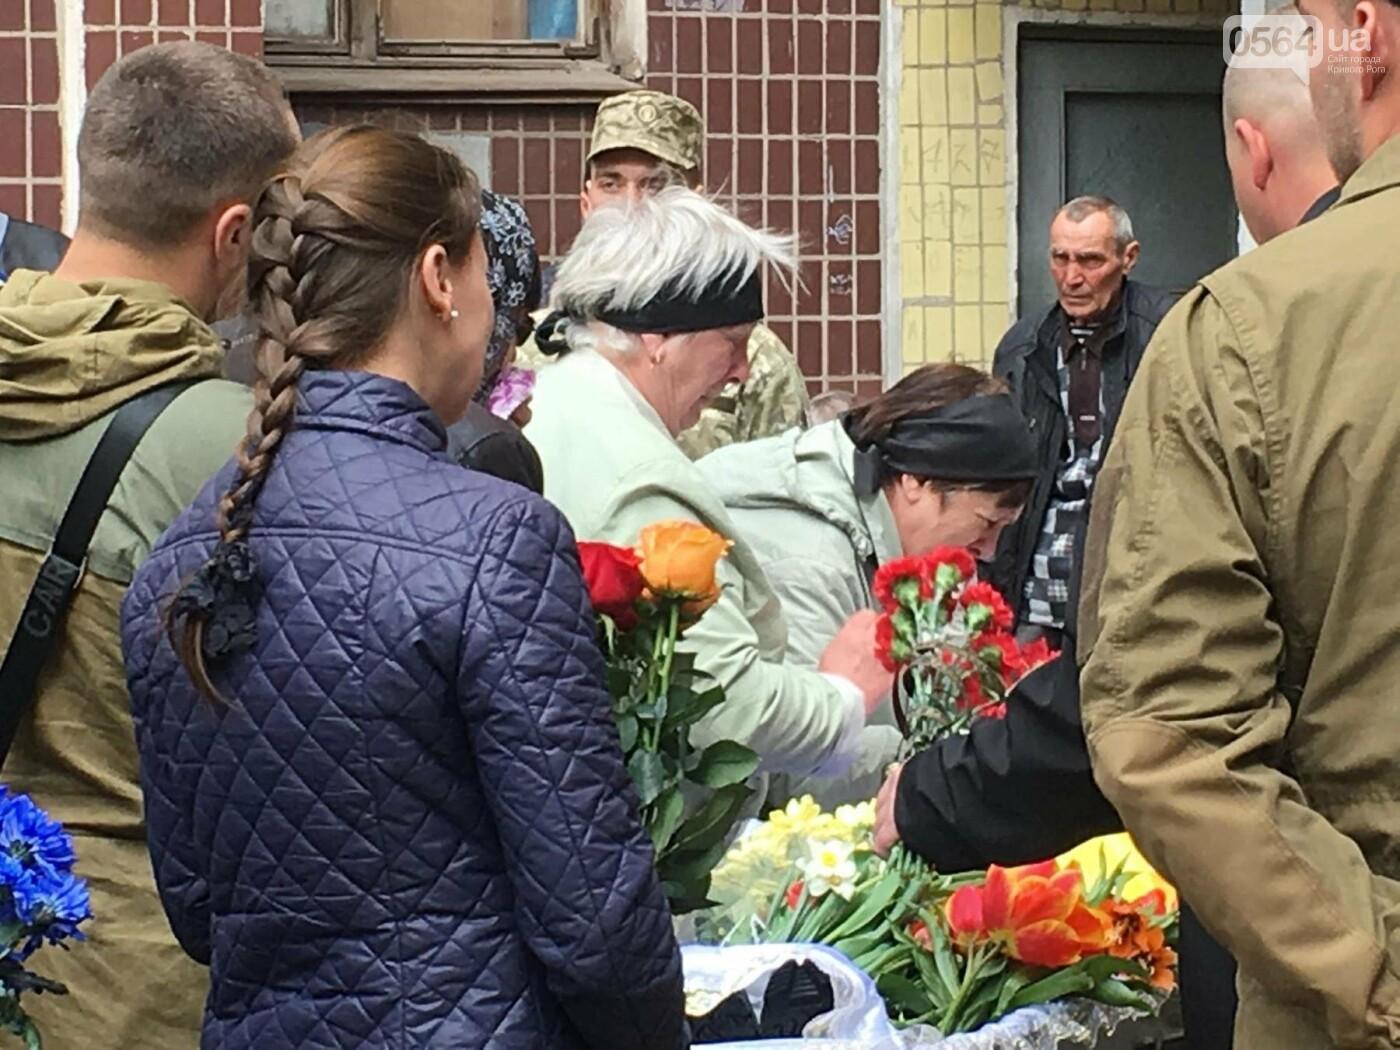 Кривой Рог прощается с 20-летним Героем. Одноклассники вспоминают, каким он был в школе (ФОТО), фото-8